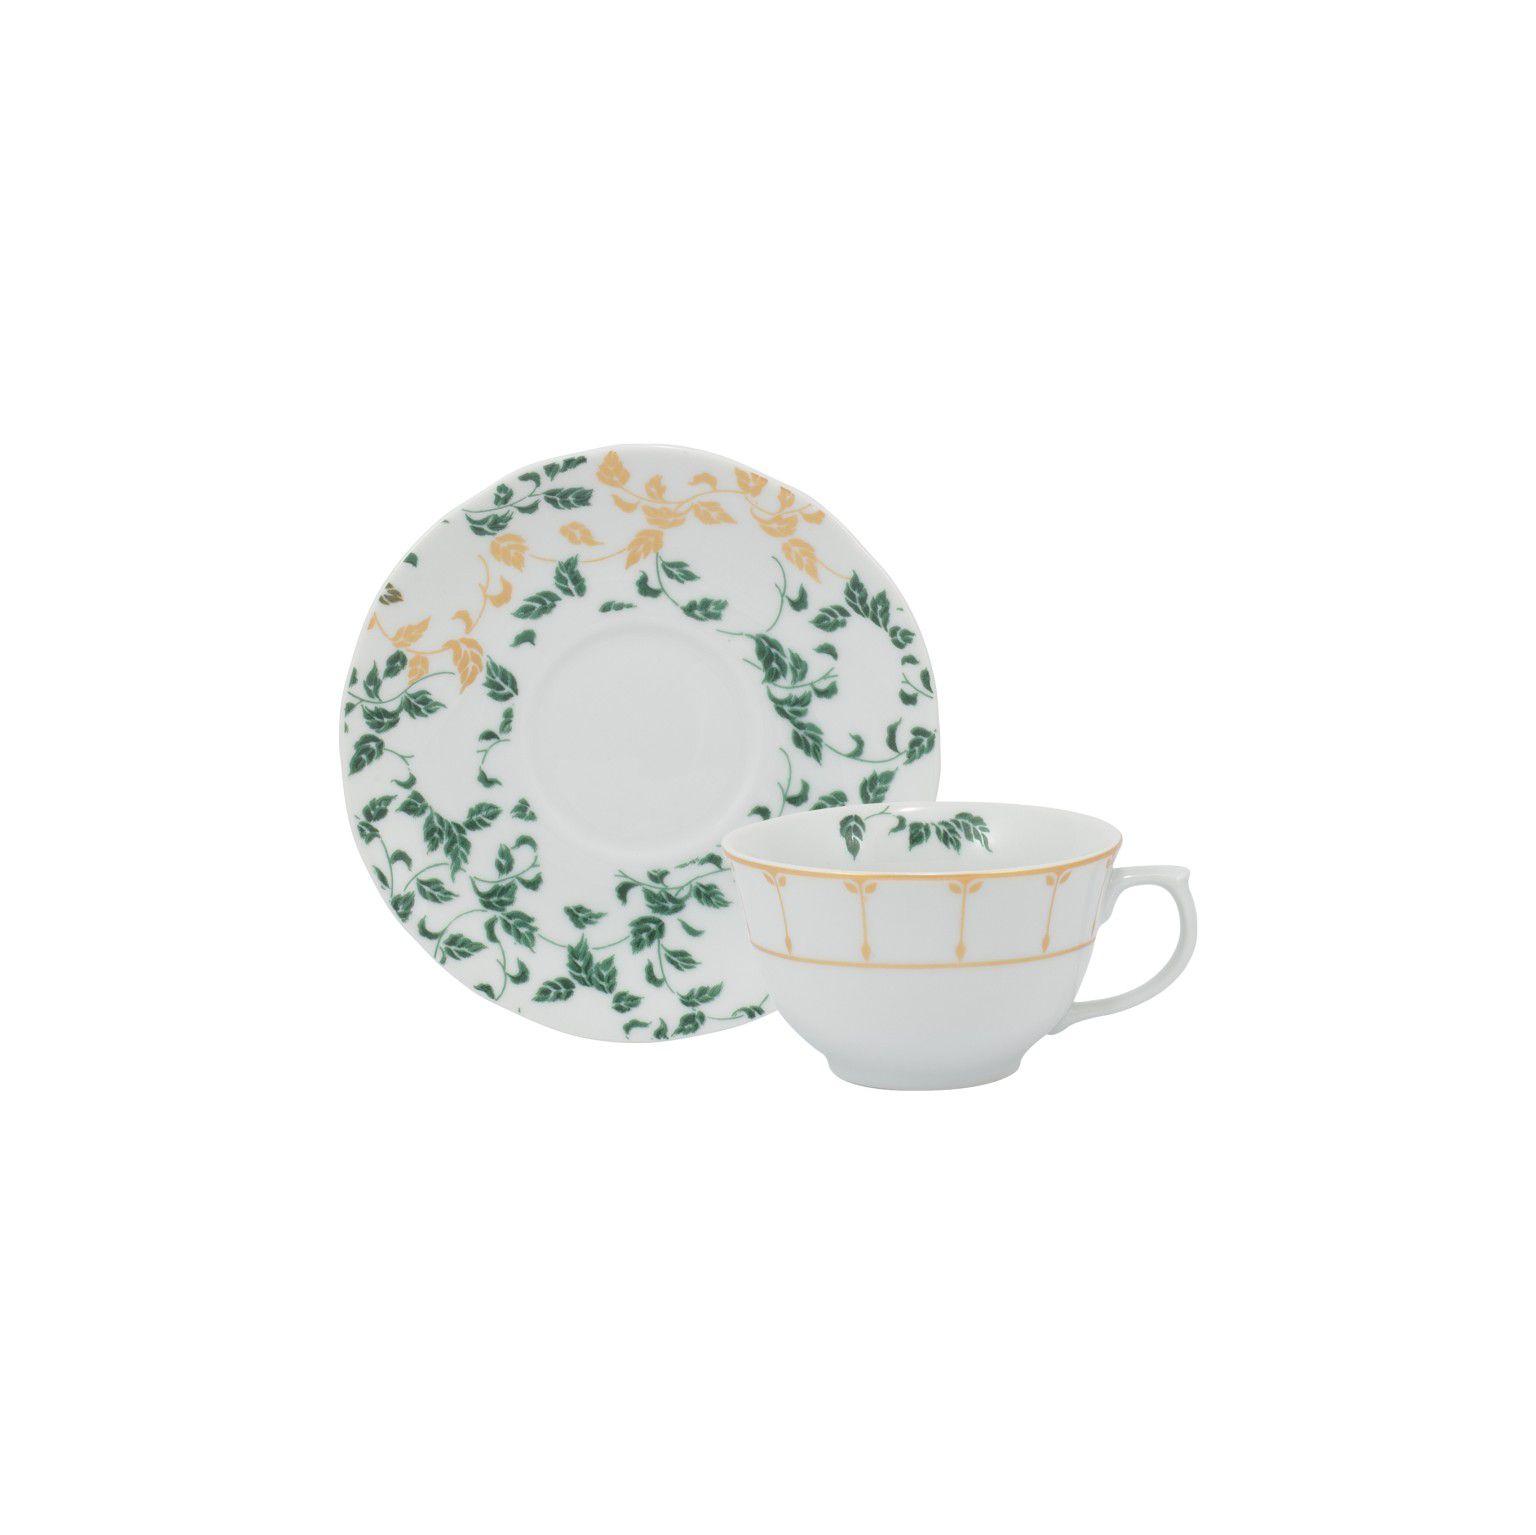 Aparelho de Jantar e Chá Schmidt Outono em Porcelana 50423 - 30 Peças